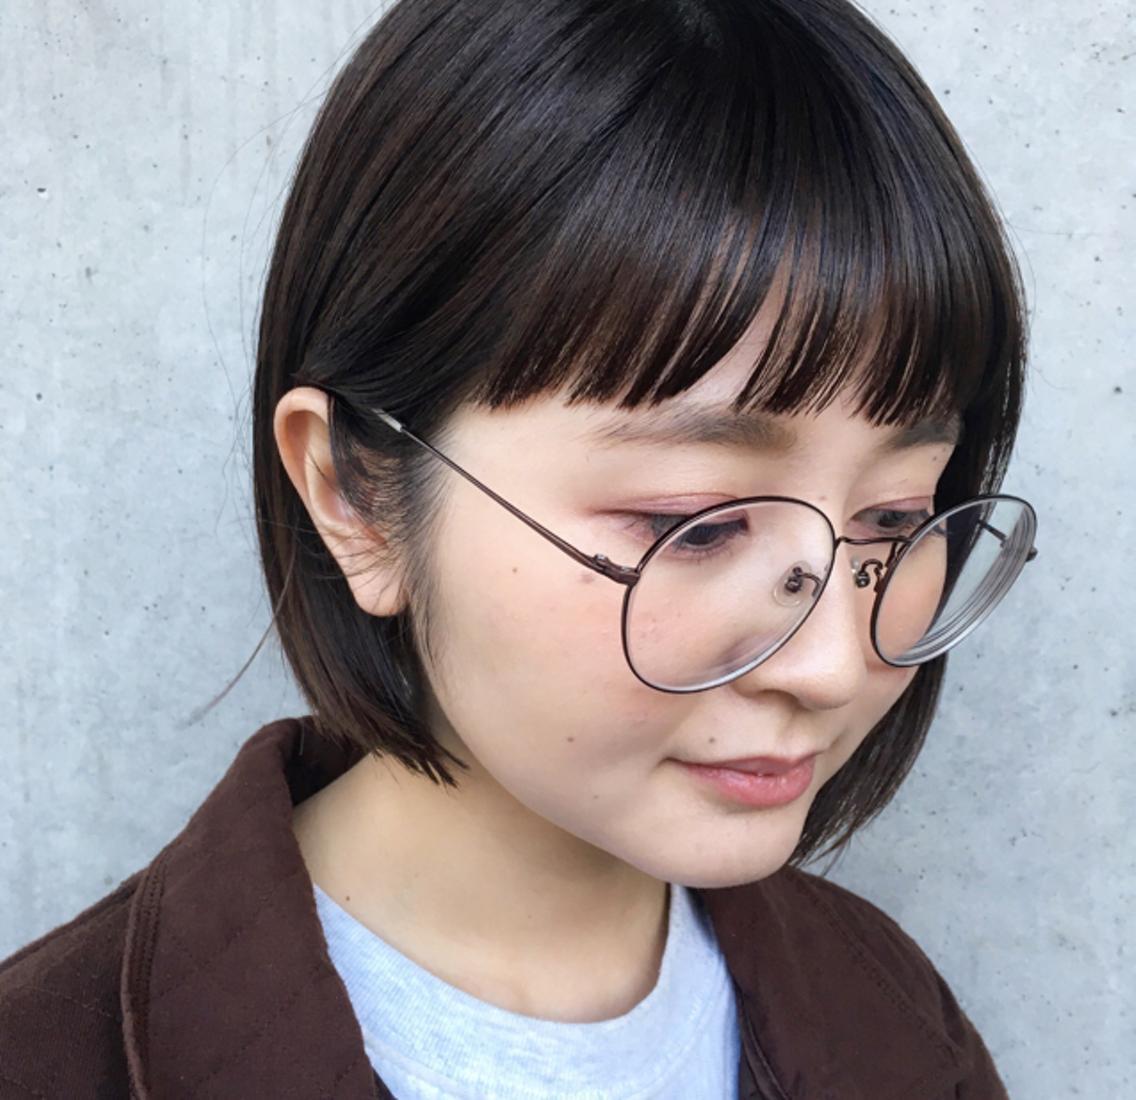 【 ✴︎5月キャンペーン✴︎】カット+透明感イルミナカラー+トリートメント ¥6000☆★ その他ミニモ特別価格